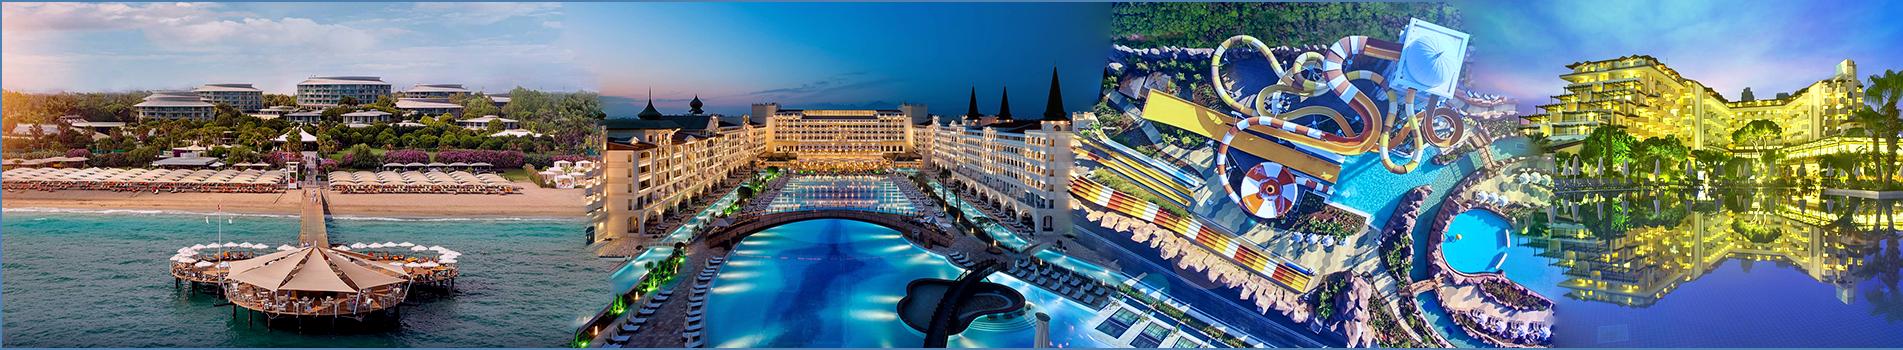 Hoteluri pe care iti doresti sa le vizitezi